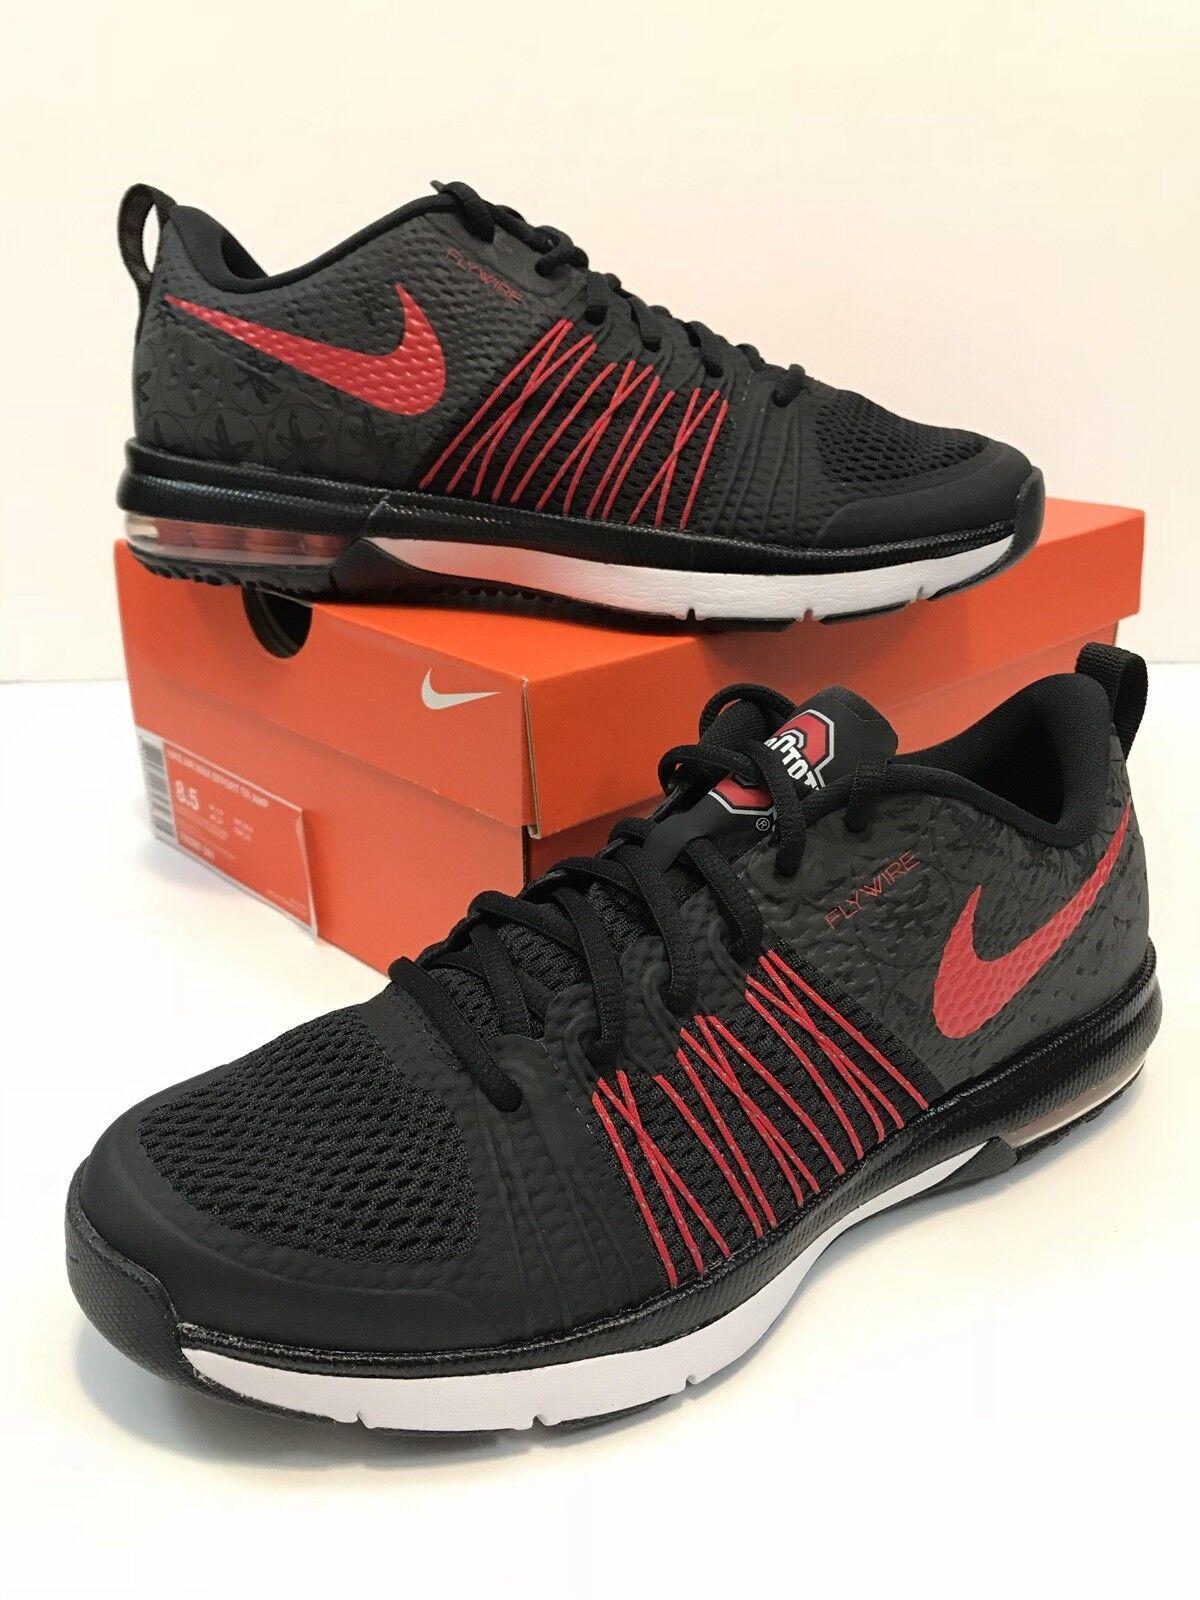 OSU Ohio State Buckeyes DARK NIGHT Nike Air 8.5 Max Mens Sz 8.5 Air NIB MINT 705367-061 453500